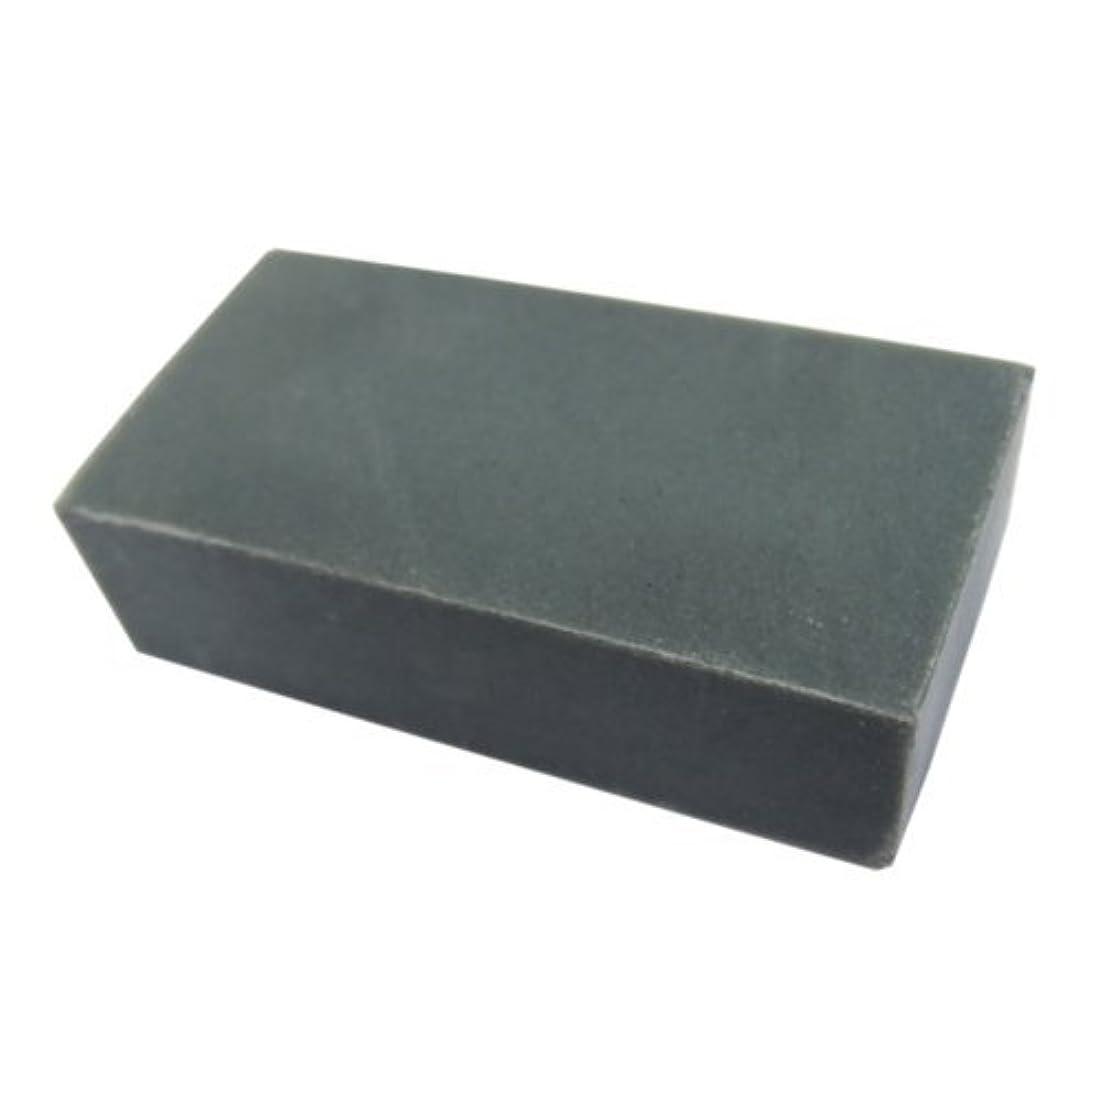 予想外過去真鍮松山油脂×東急ハンズ 東急ハンズオリジナル スムースソープ タラソ